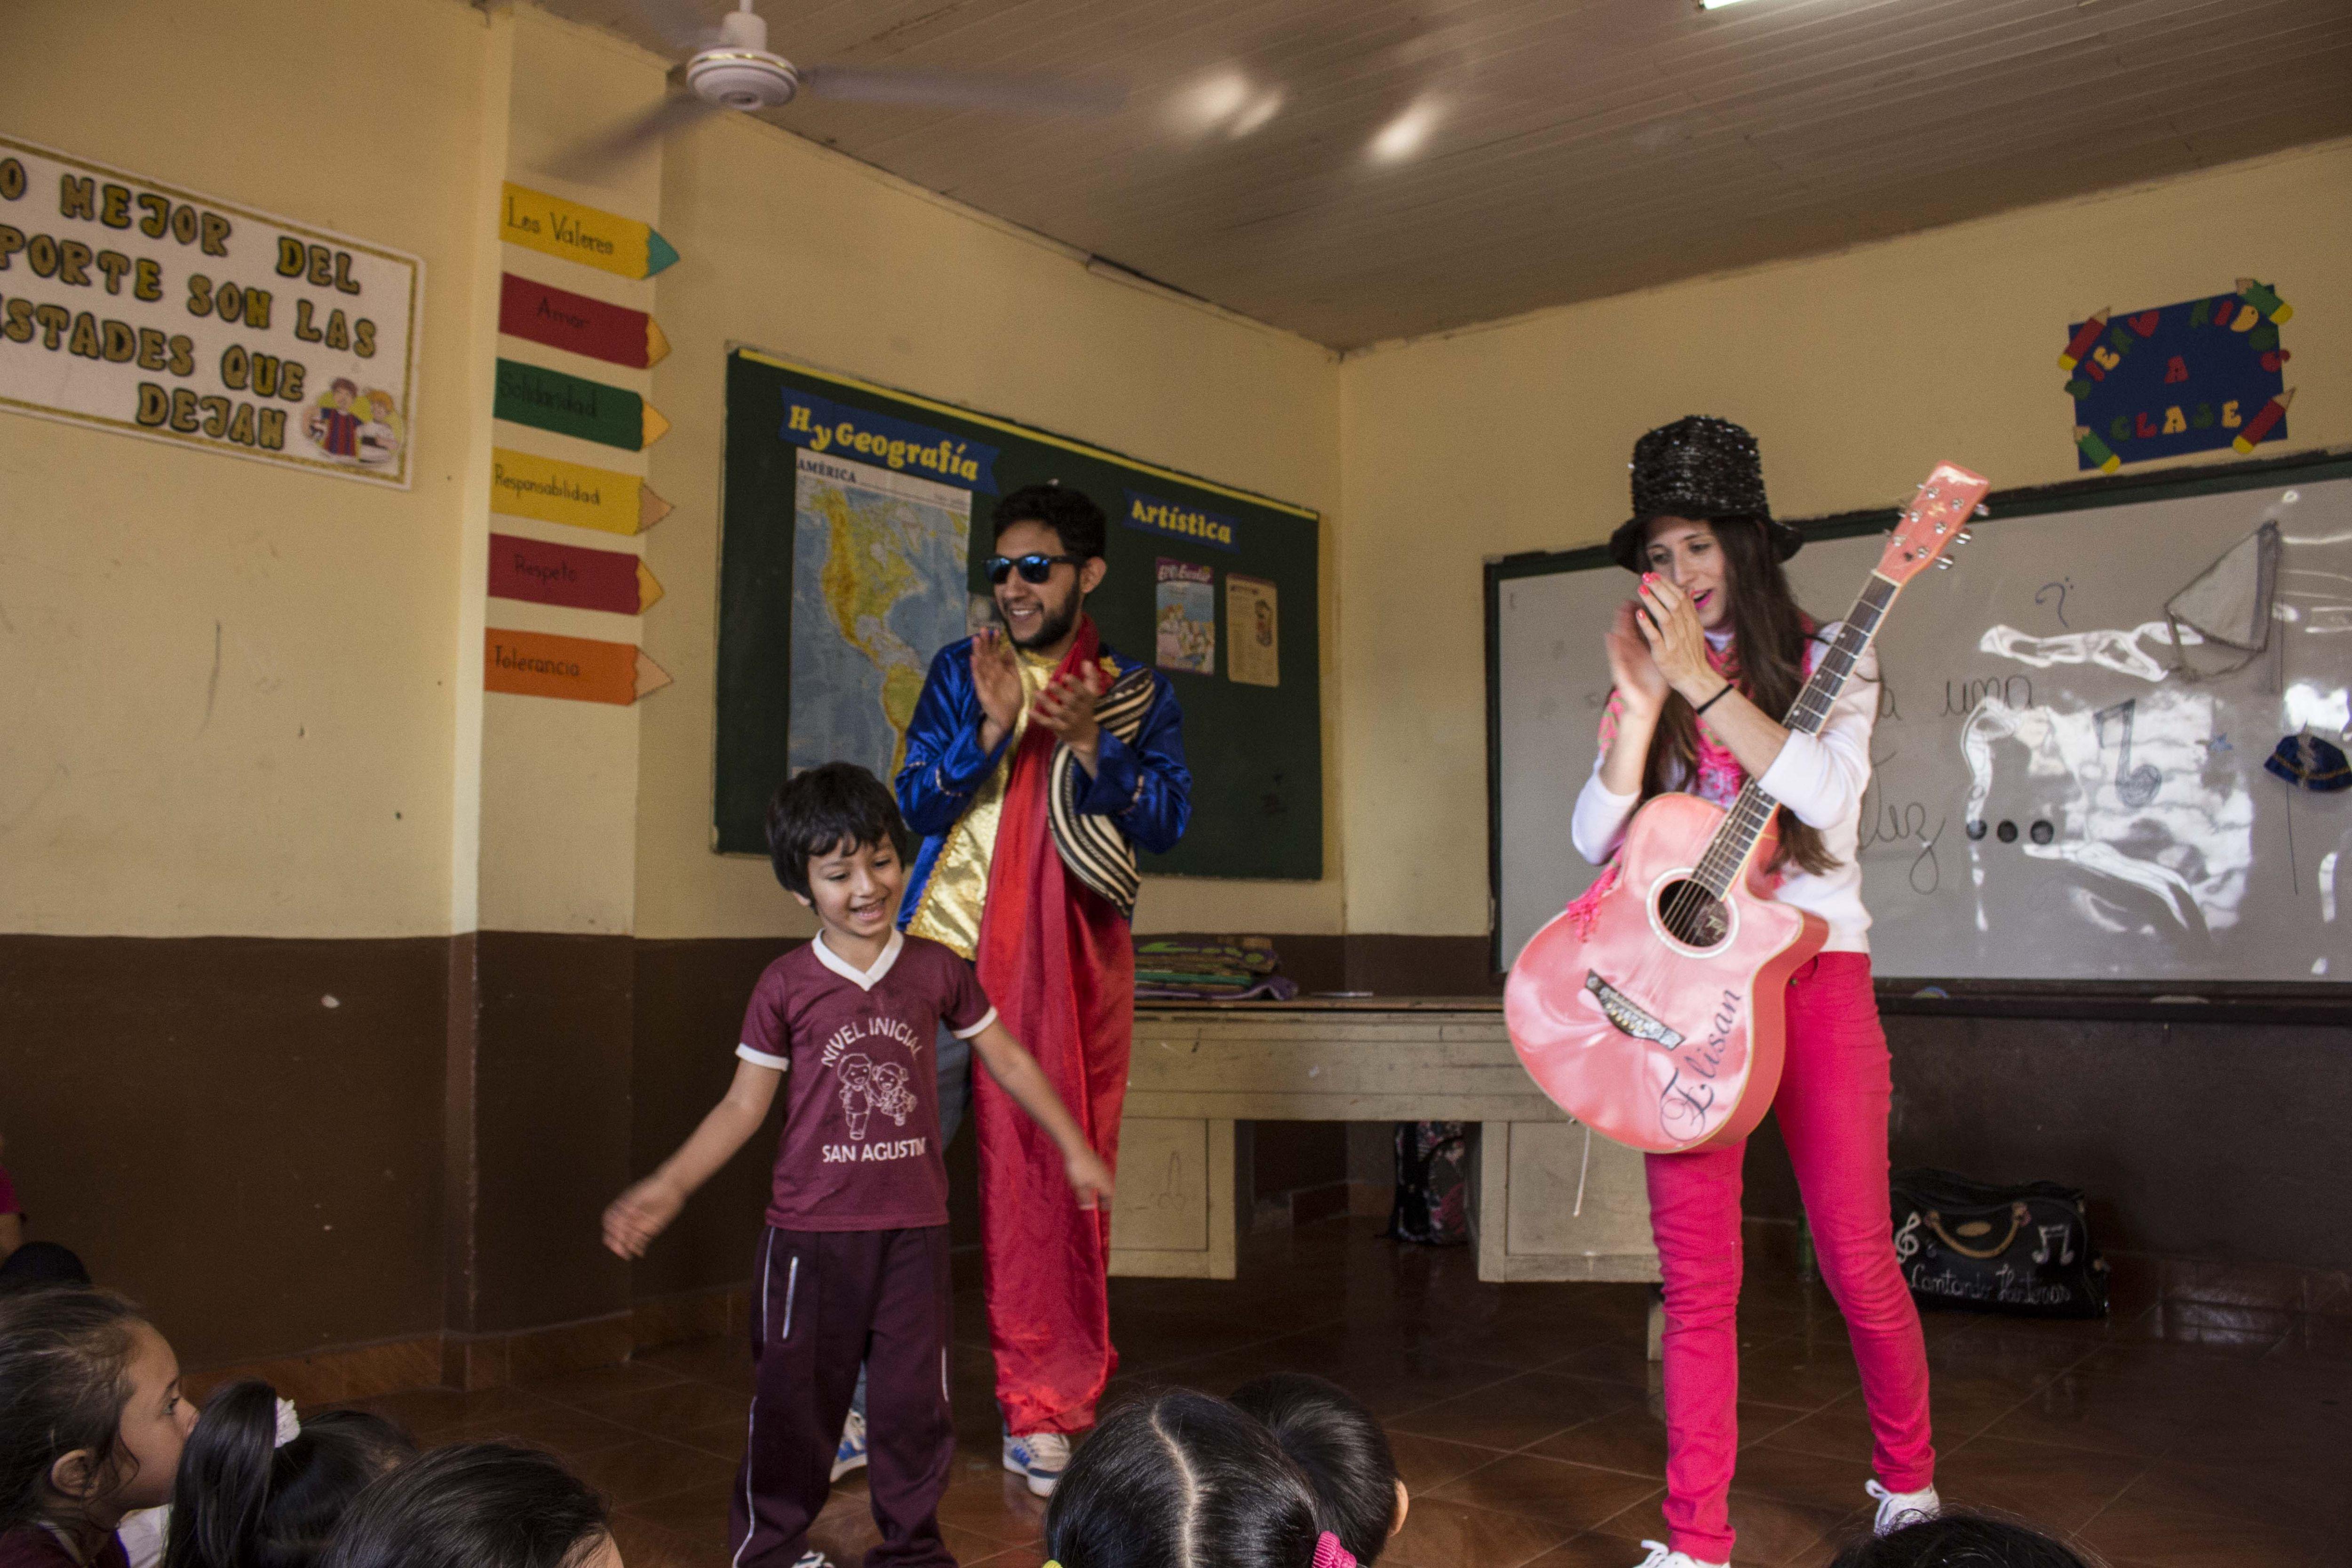 Atividades lúdicas realizadas com crianças na escola incluem peças de teatro e música